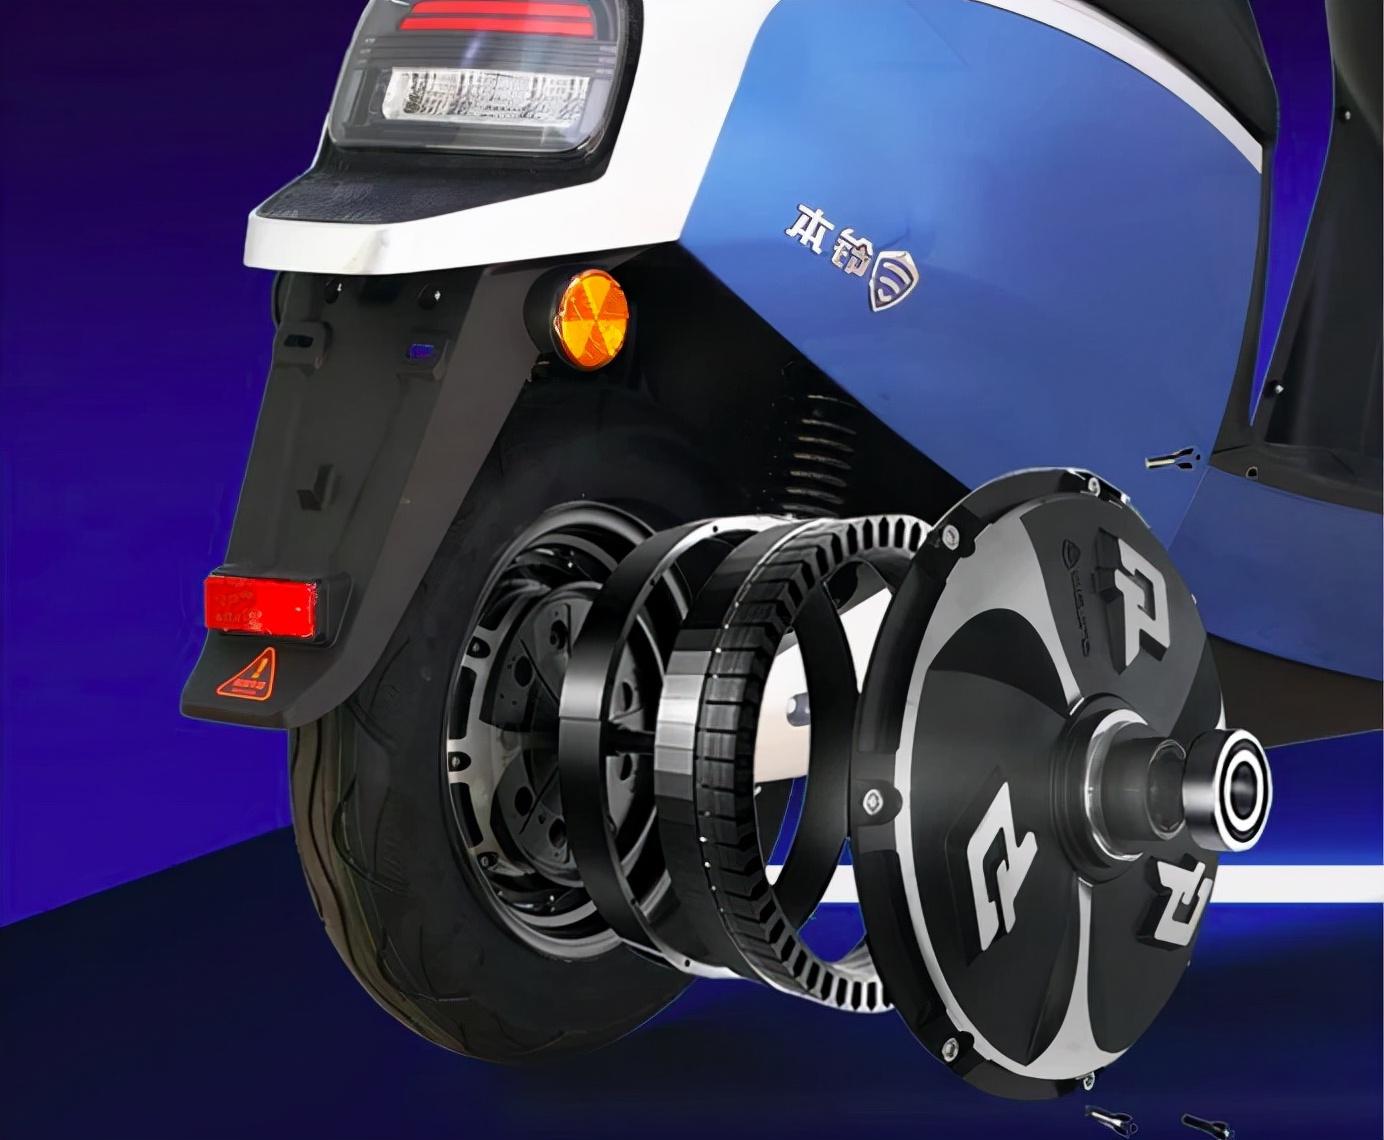 轮毂电机、中置电机到底哪个好?为何大多数电动车不用中置电机?